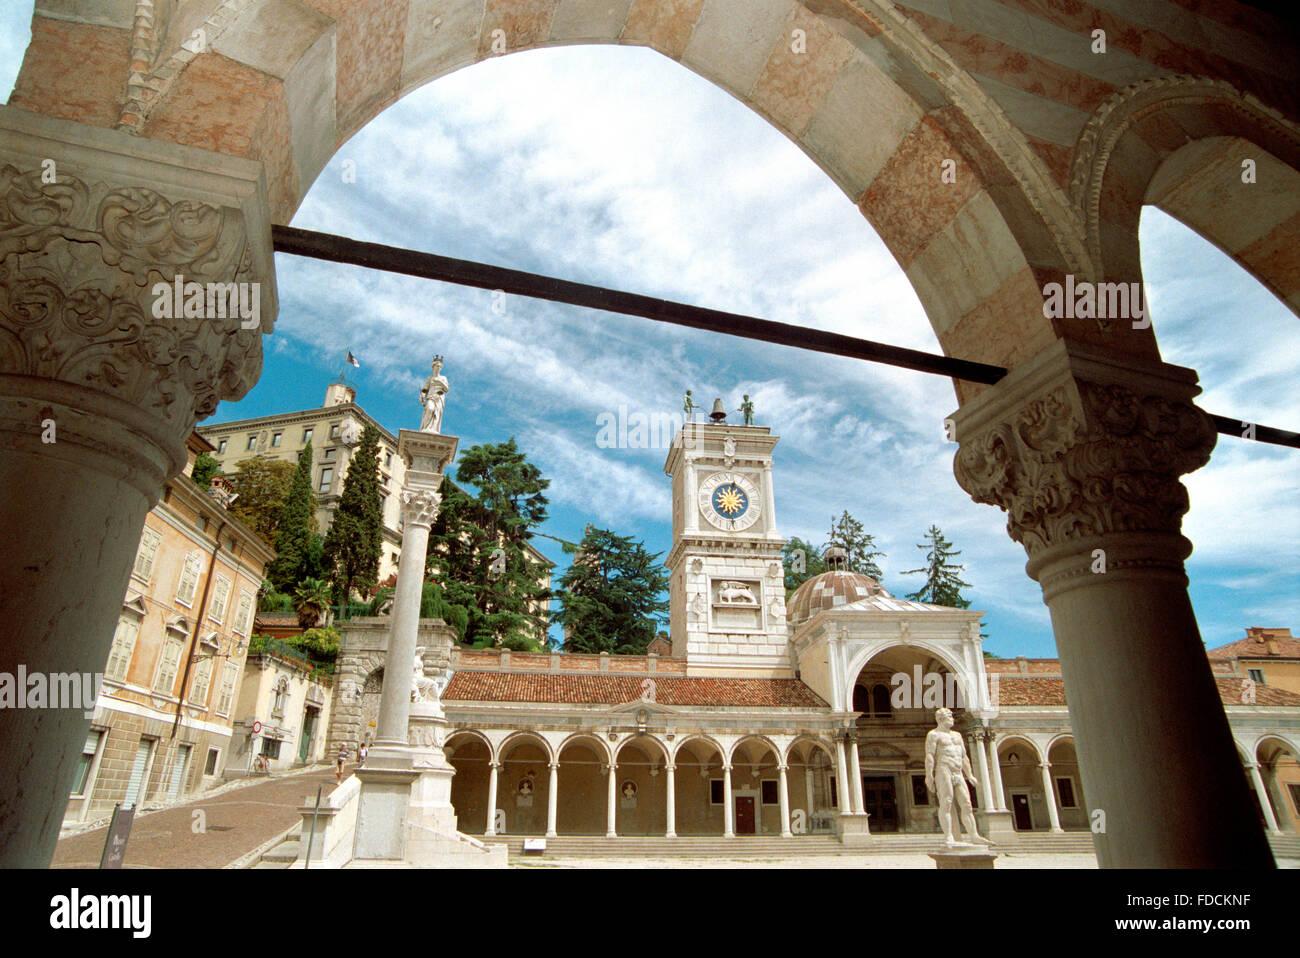 Italy, Friuli Venezia Giulia, Udine, Piazza della Libertà, Square, Loggia di San Giovanni view from Loggia - Stock Image